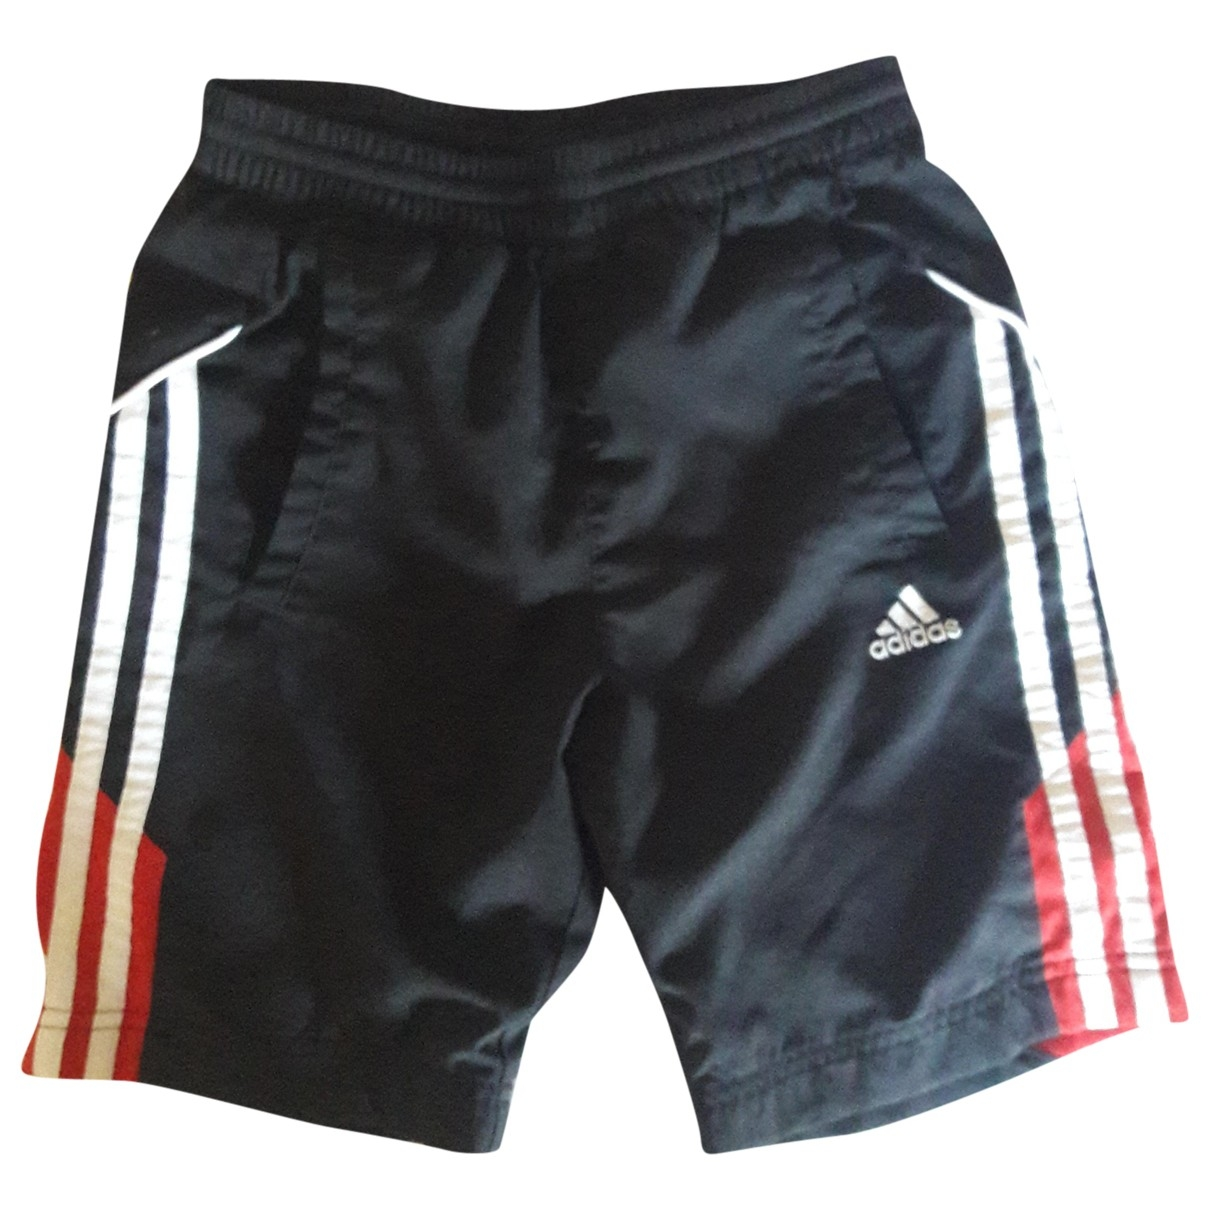 Adidas - Short   pour enfant - noir